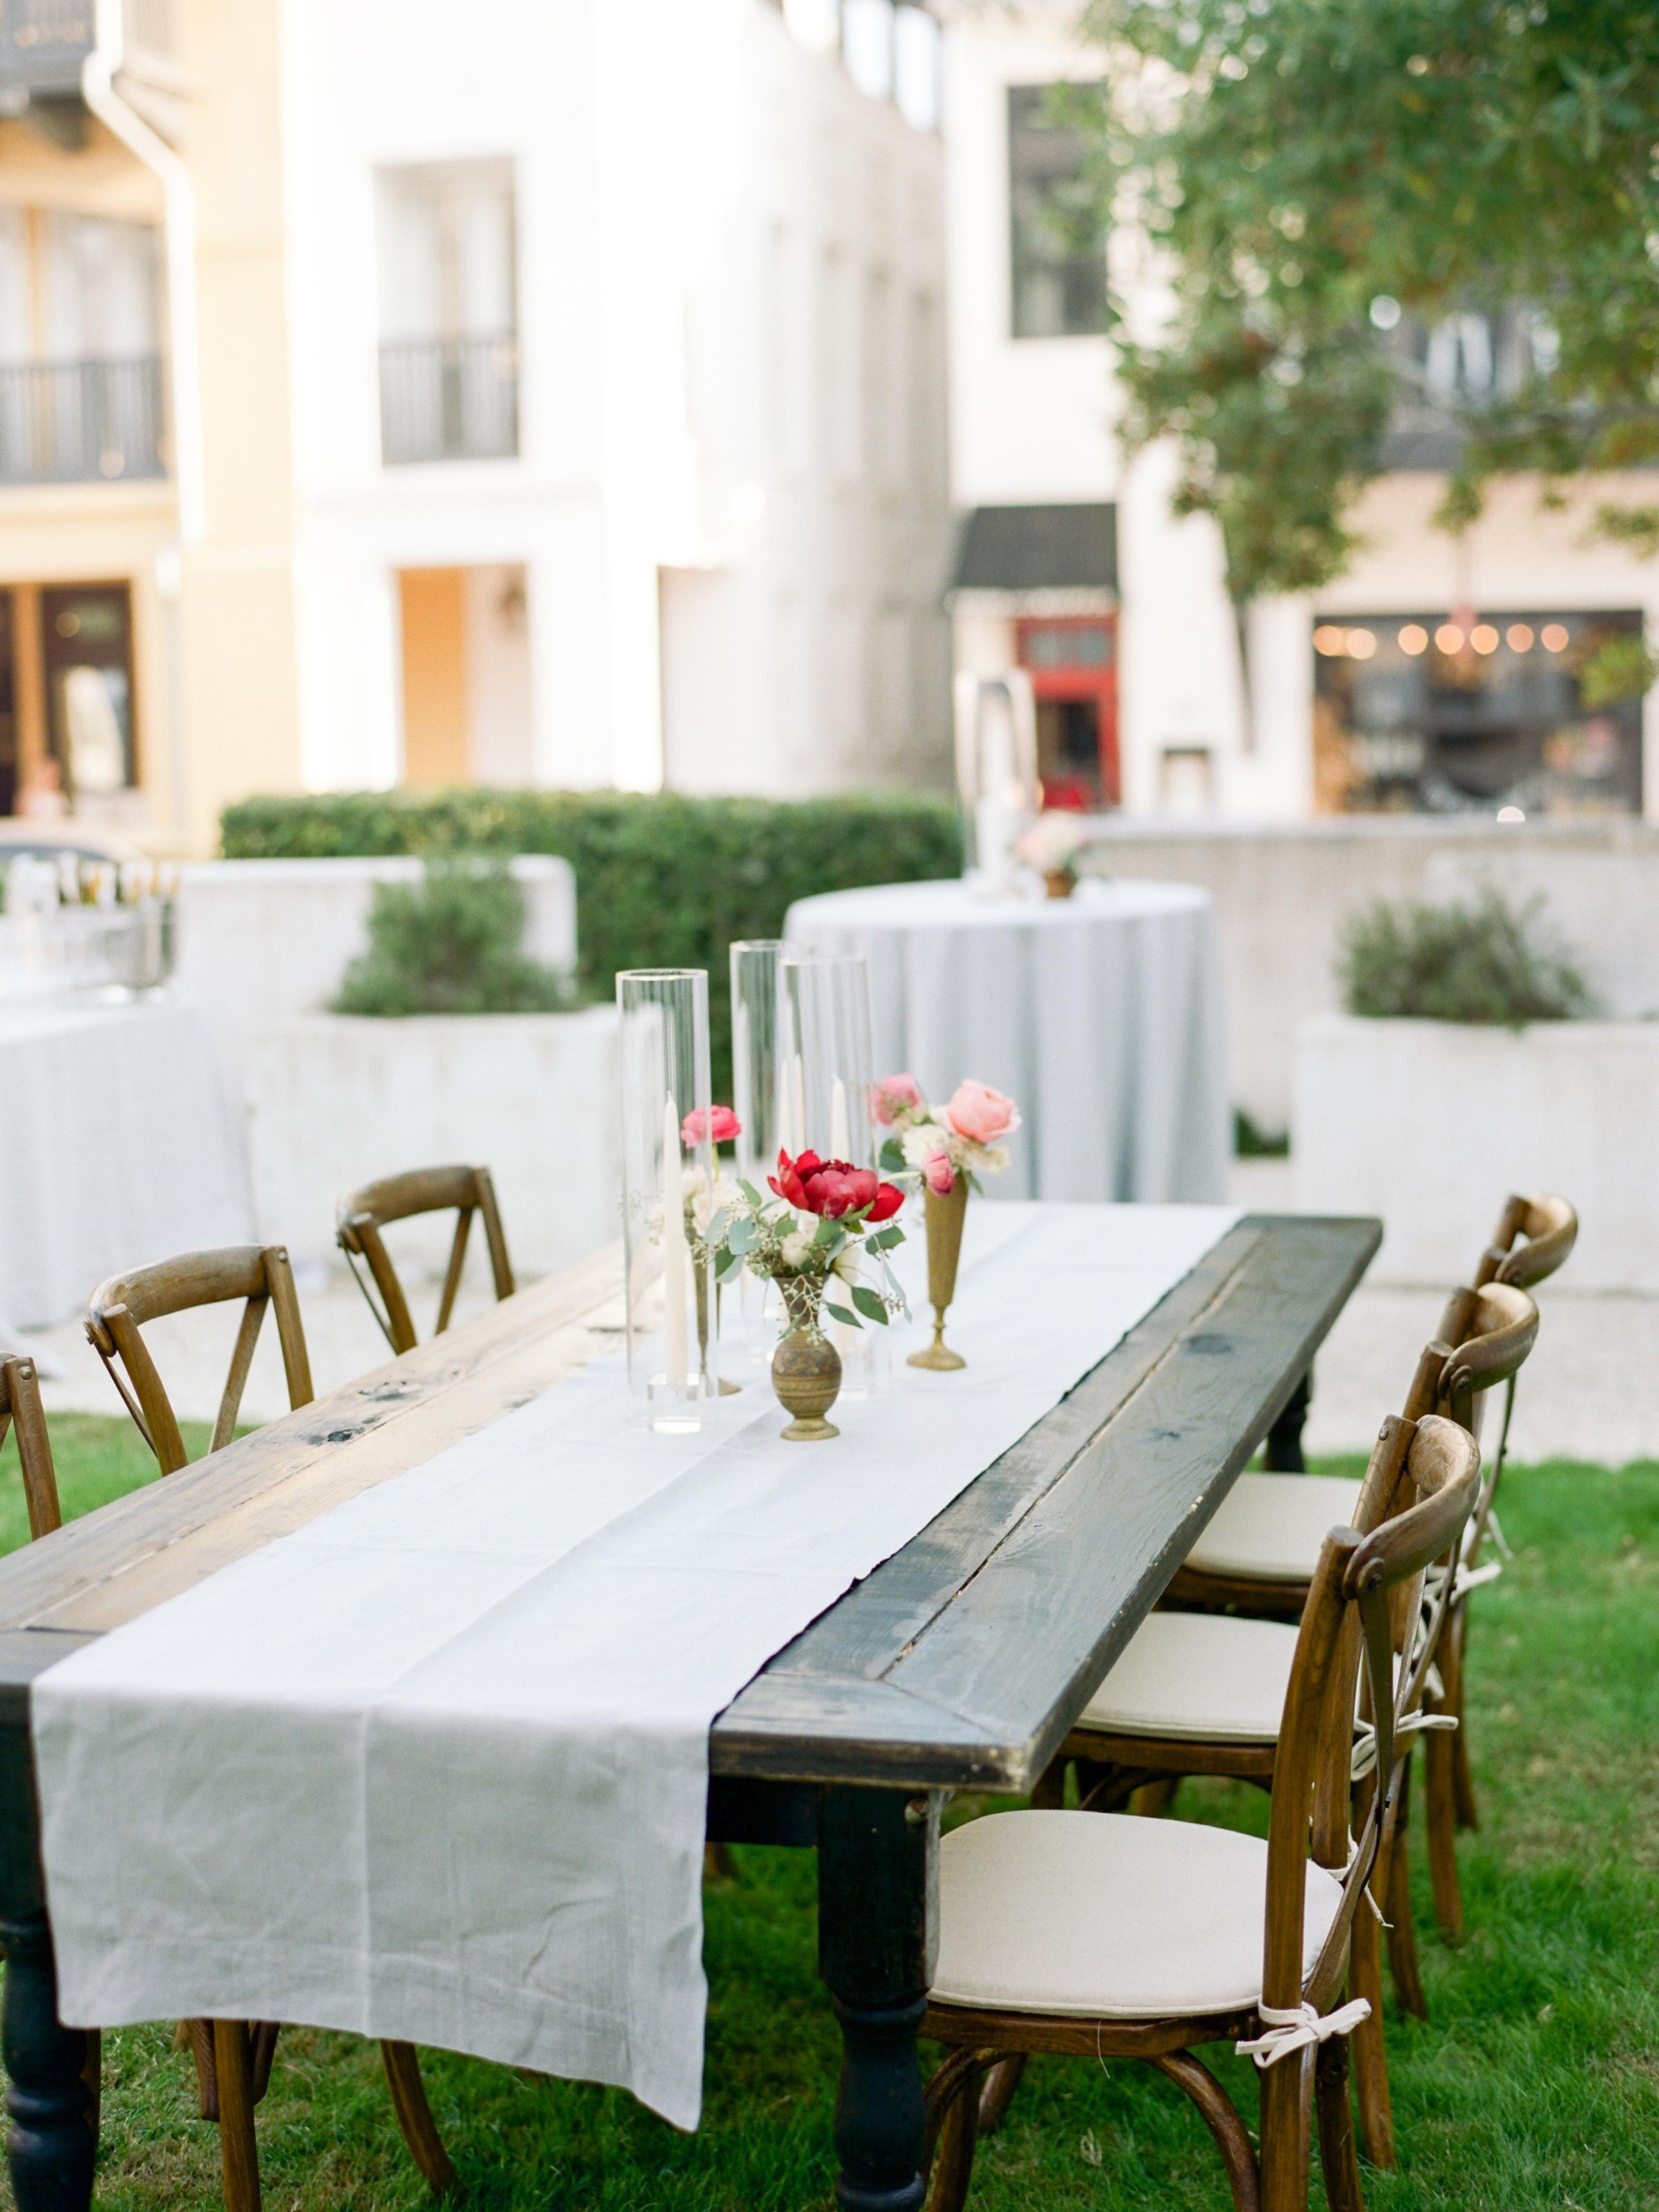 rosemary_beach_wedding_photographer_shannon_griffin_0038.jpg